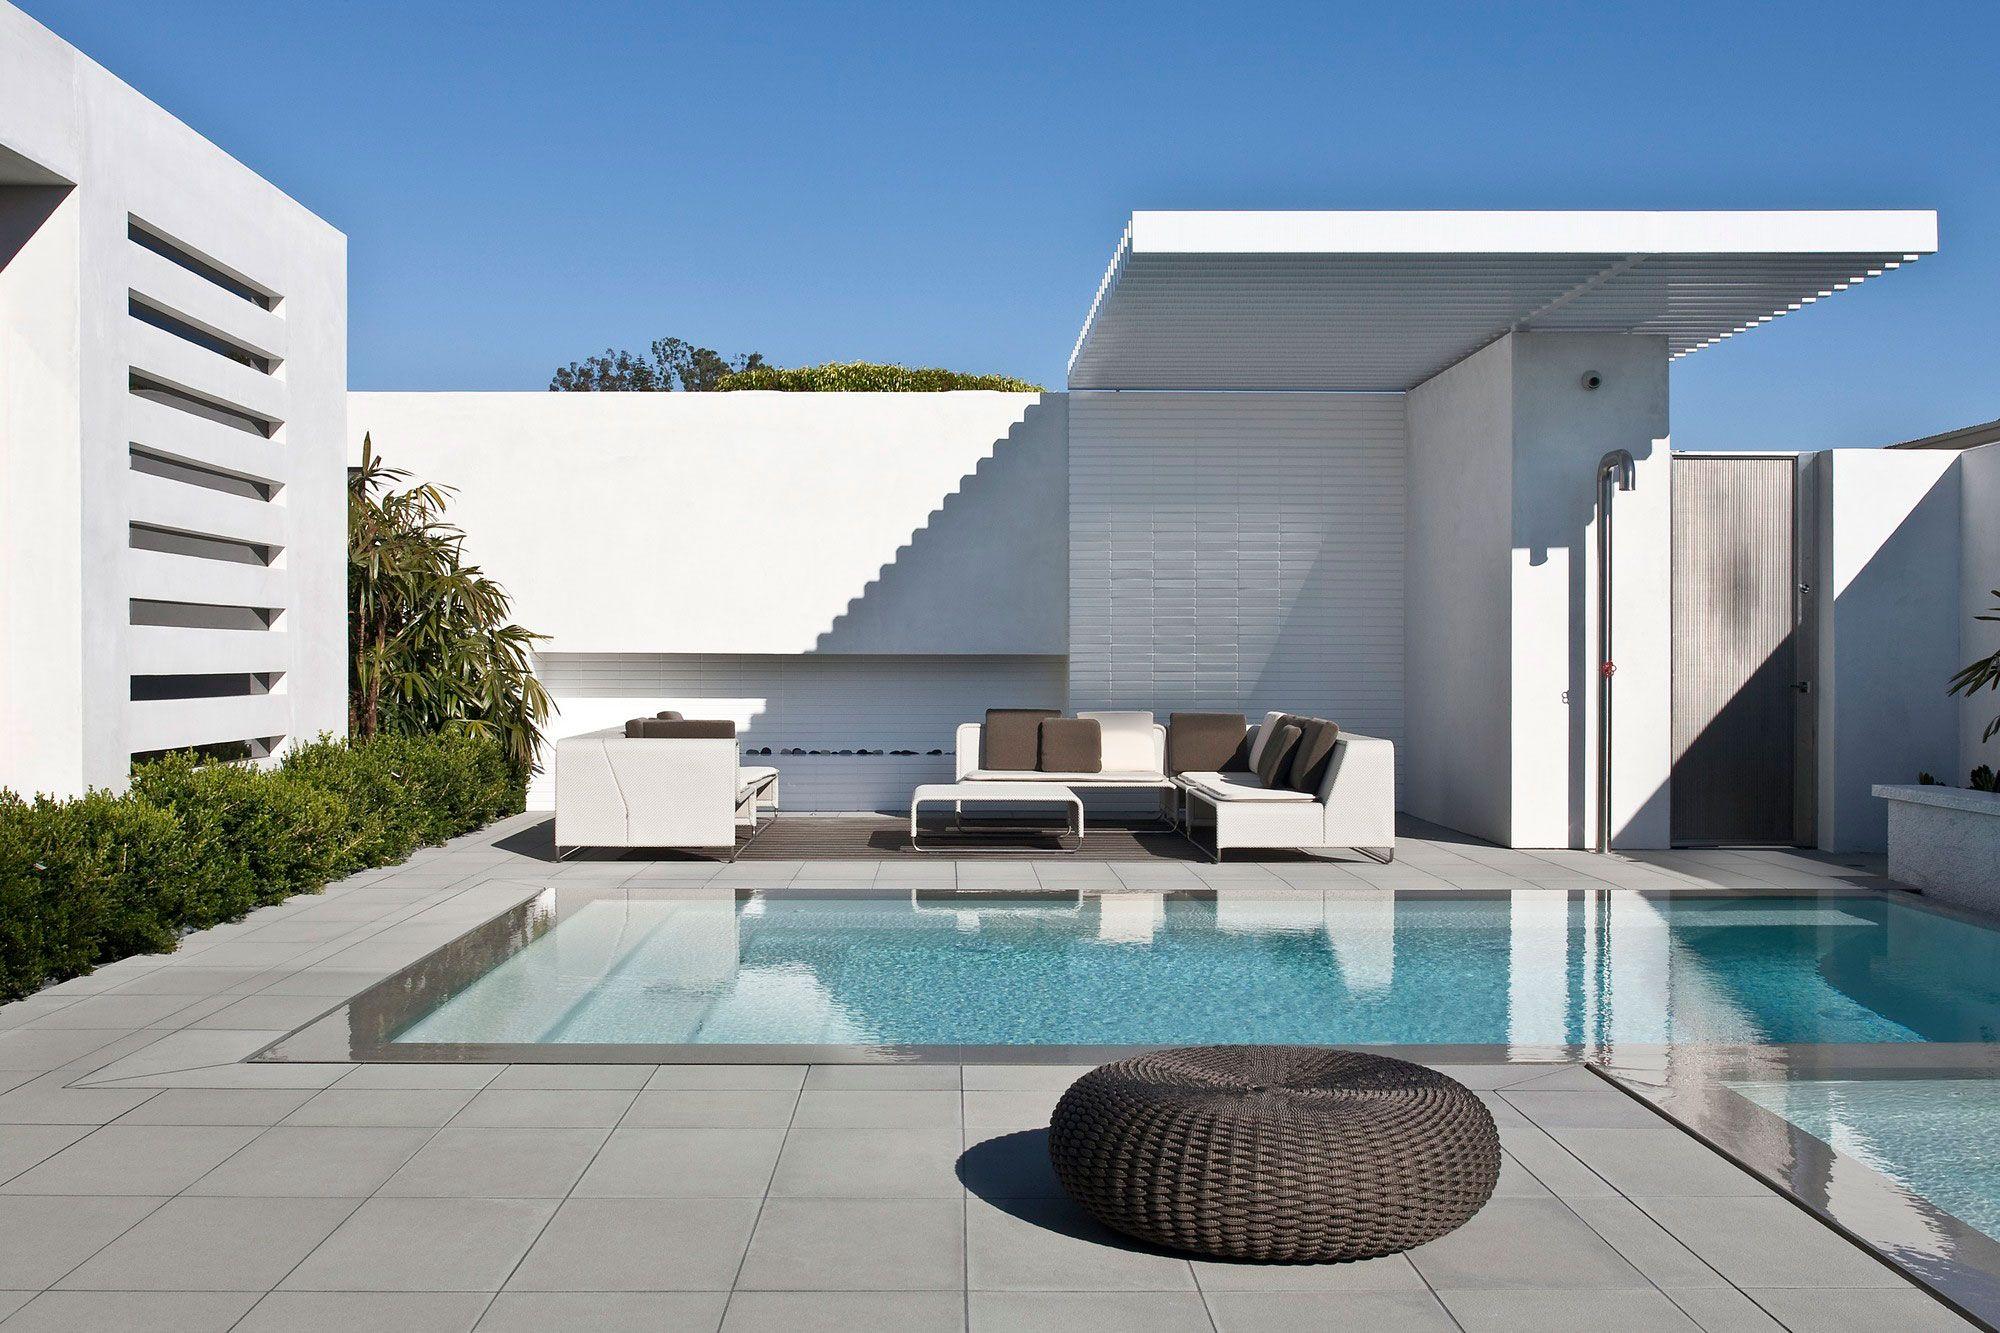 Muebles Piscina Elige Las Mejores Tumbonas Para Tu Piscina  # Muebles Best House